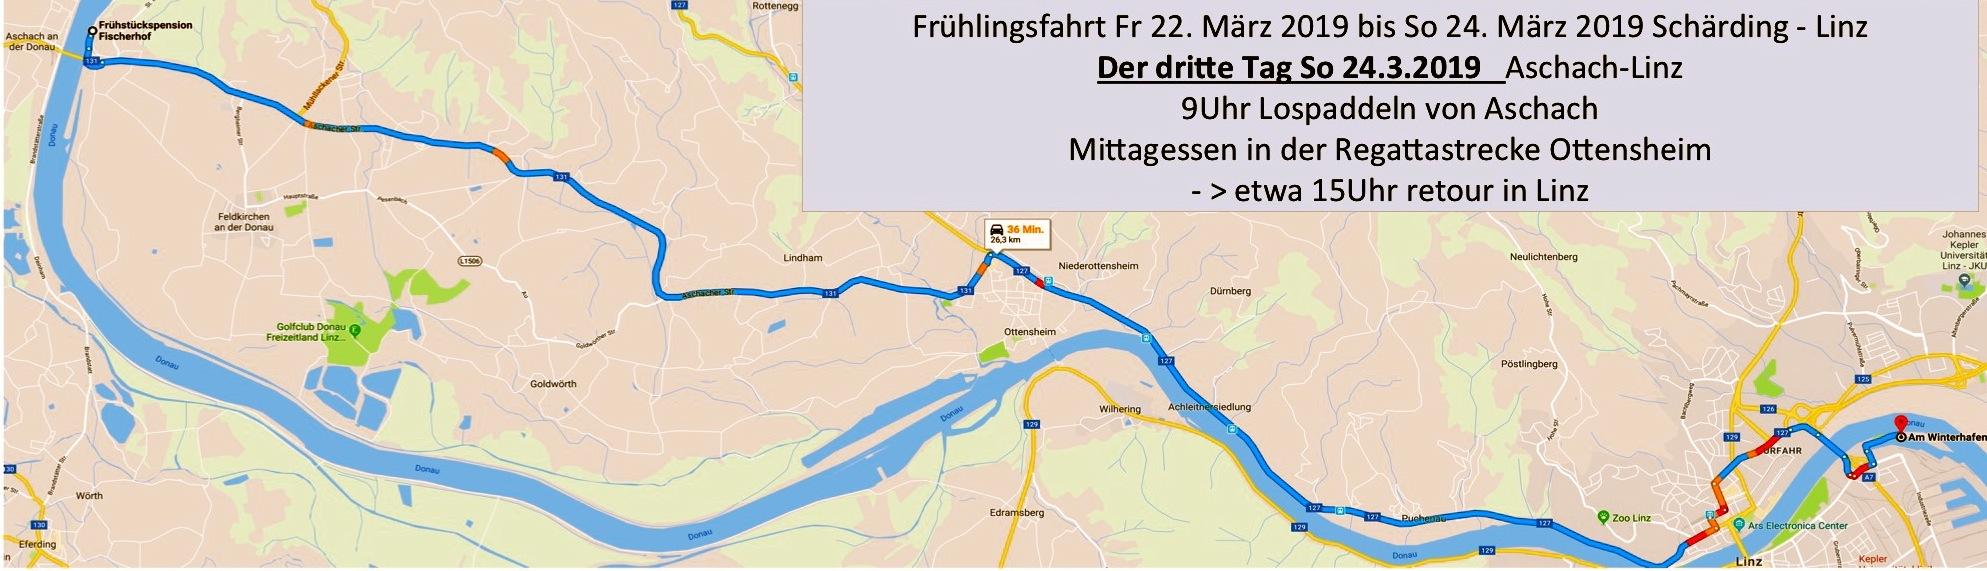 Der dritte Tag, wir erreichen am frühen Nachmittag Linz, Linzer Faltbootclub im Winterhafen 18a.